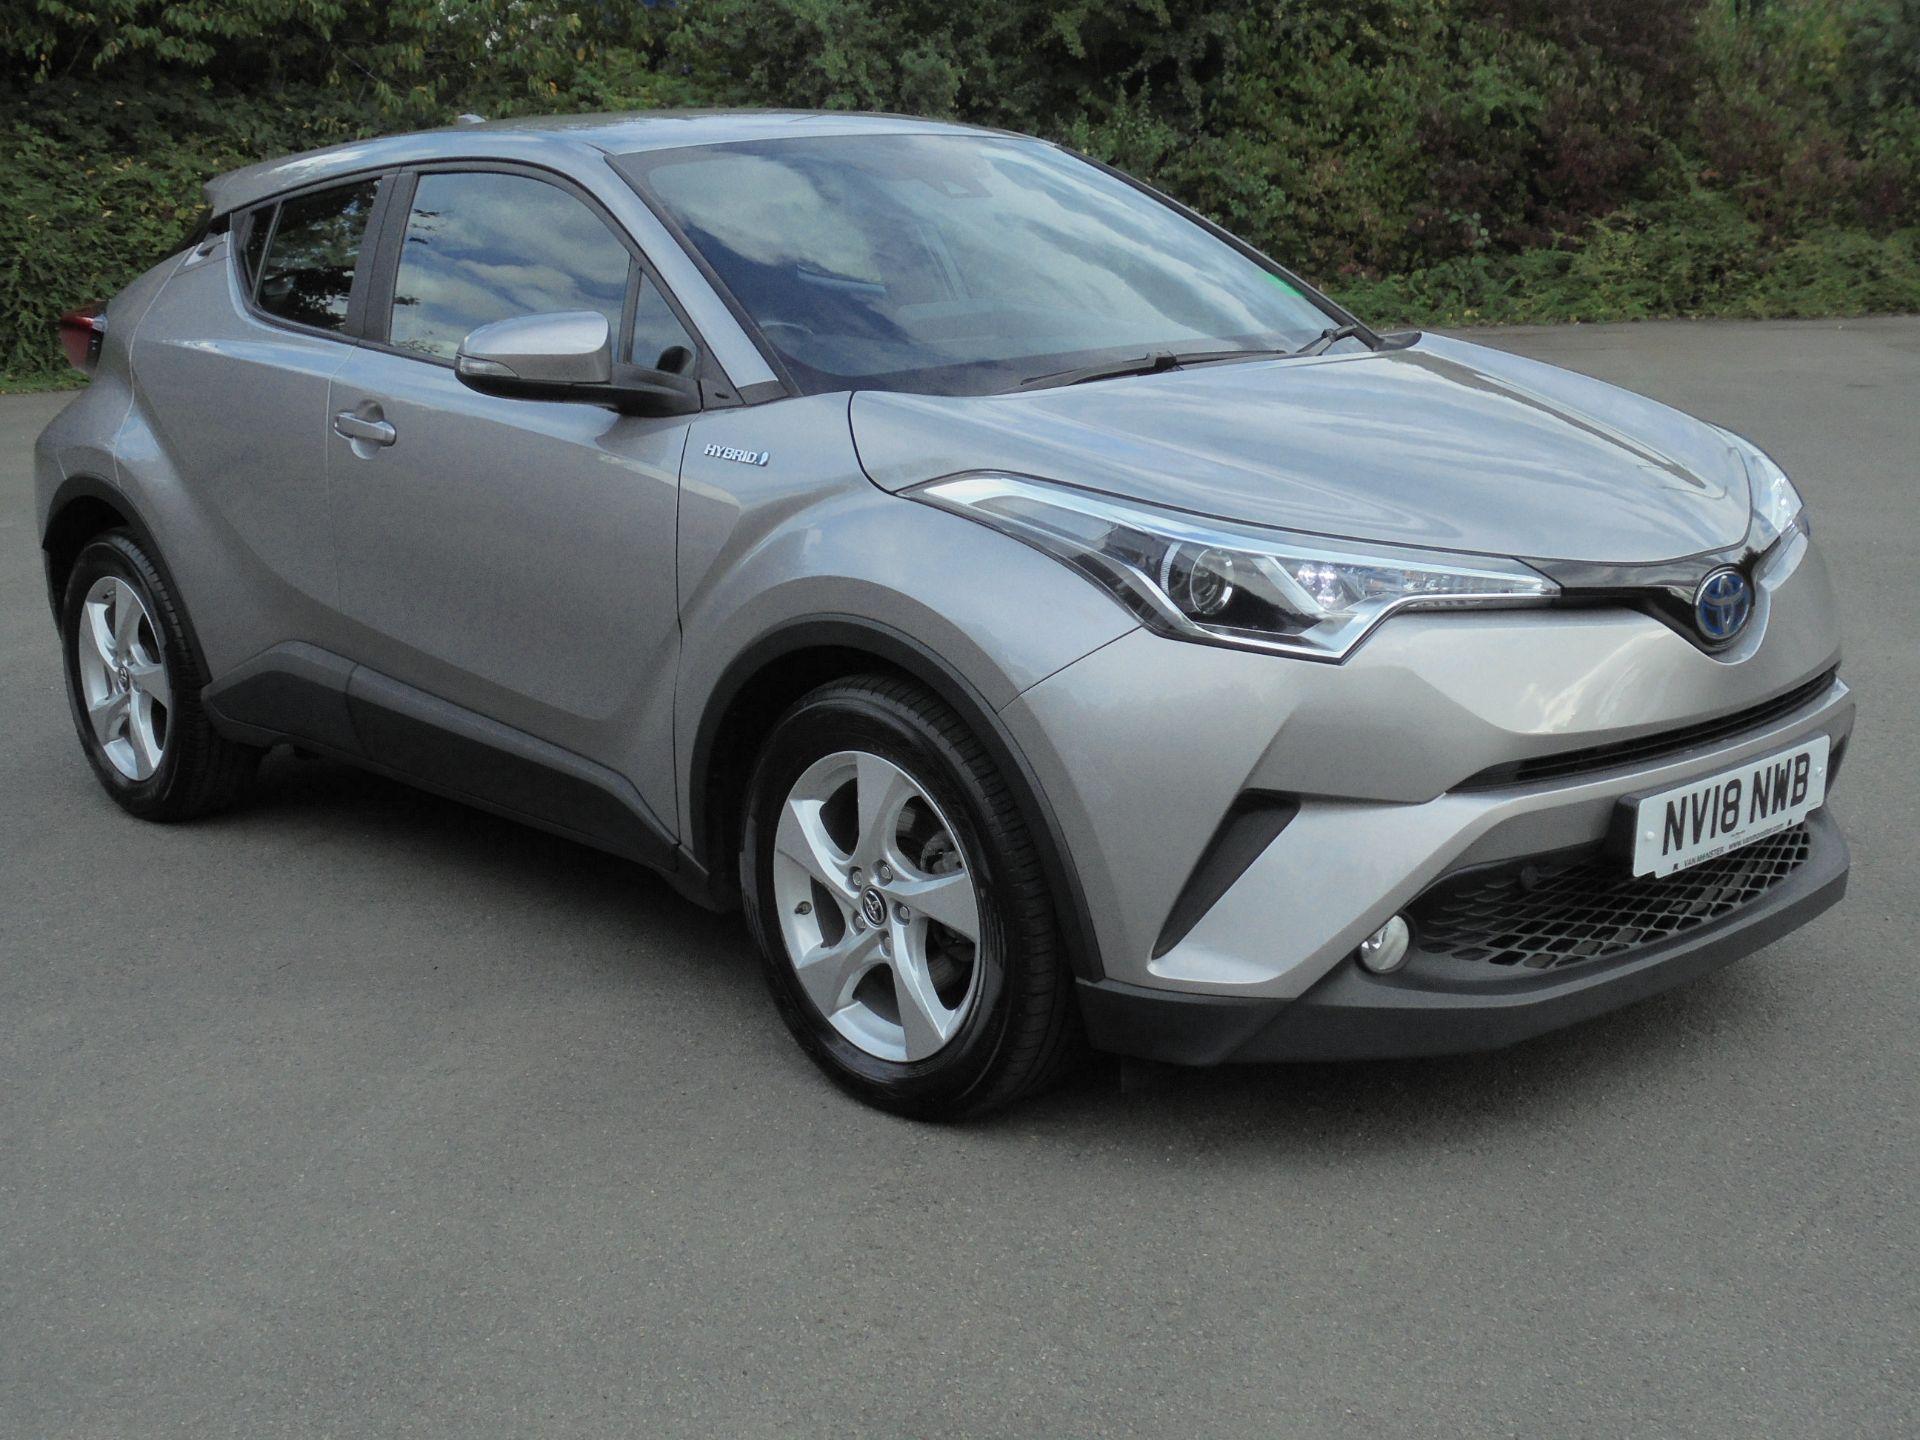 2018 Toyota C-Hr 1.8 Hybrid Icon 5Dr Cvt (NV18NWB)